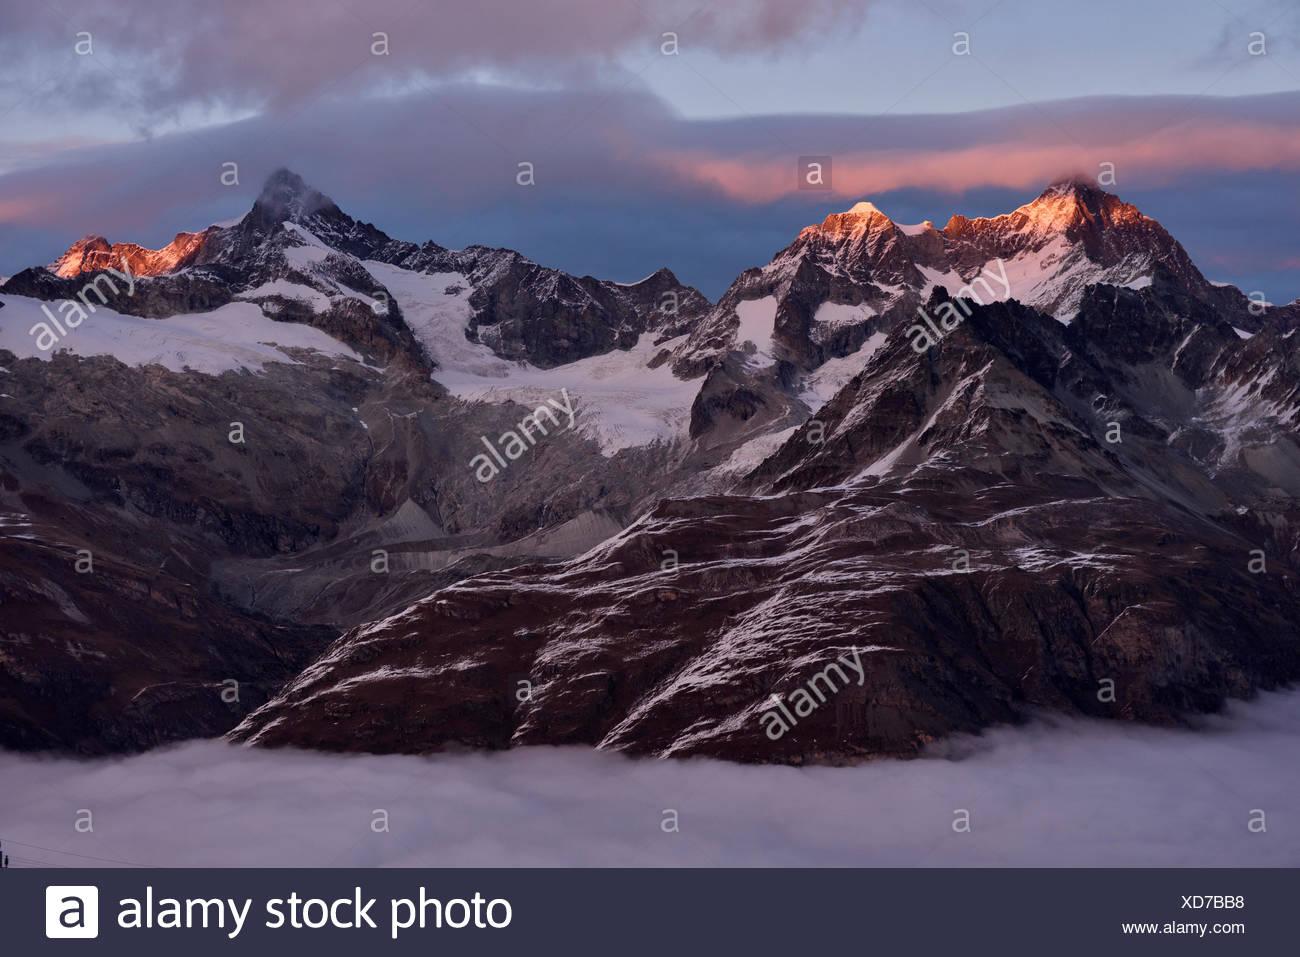 Sonnenaufgang über die benachbarten Berge östlich von der majestätischen Matterhorn (aus Schuss). Stockfoto